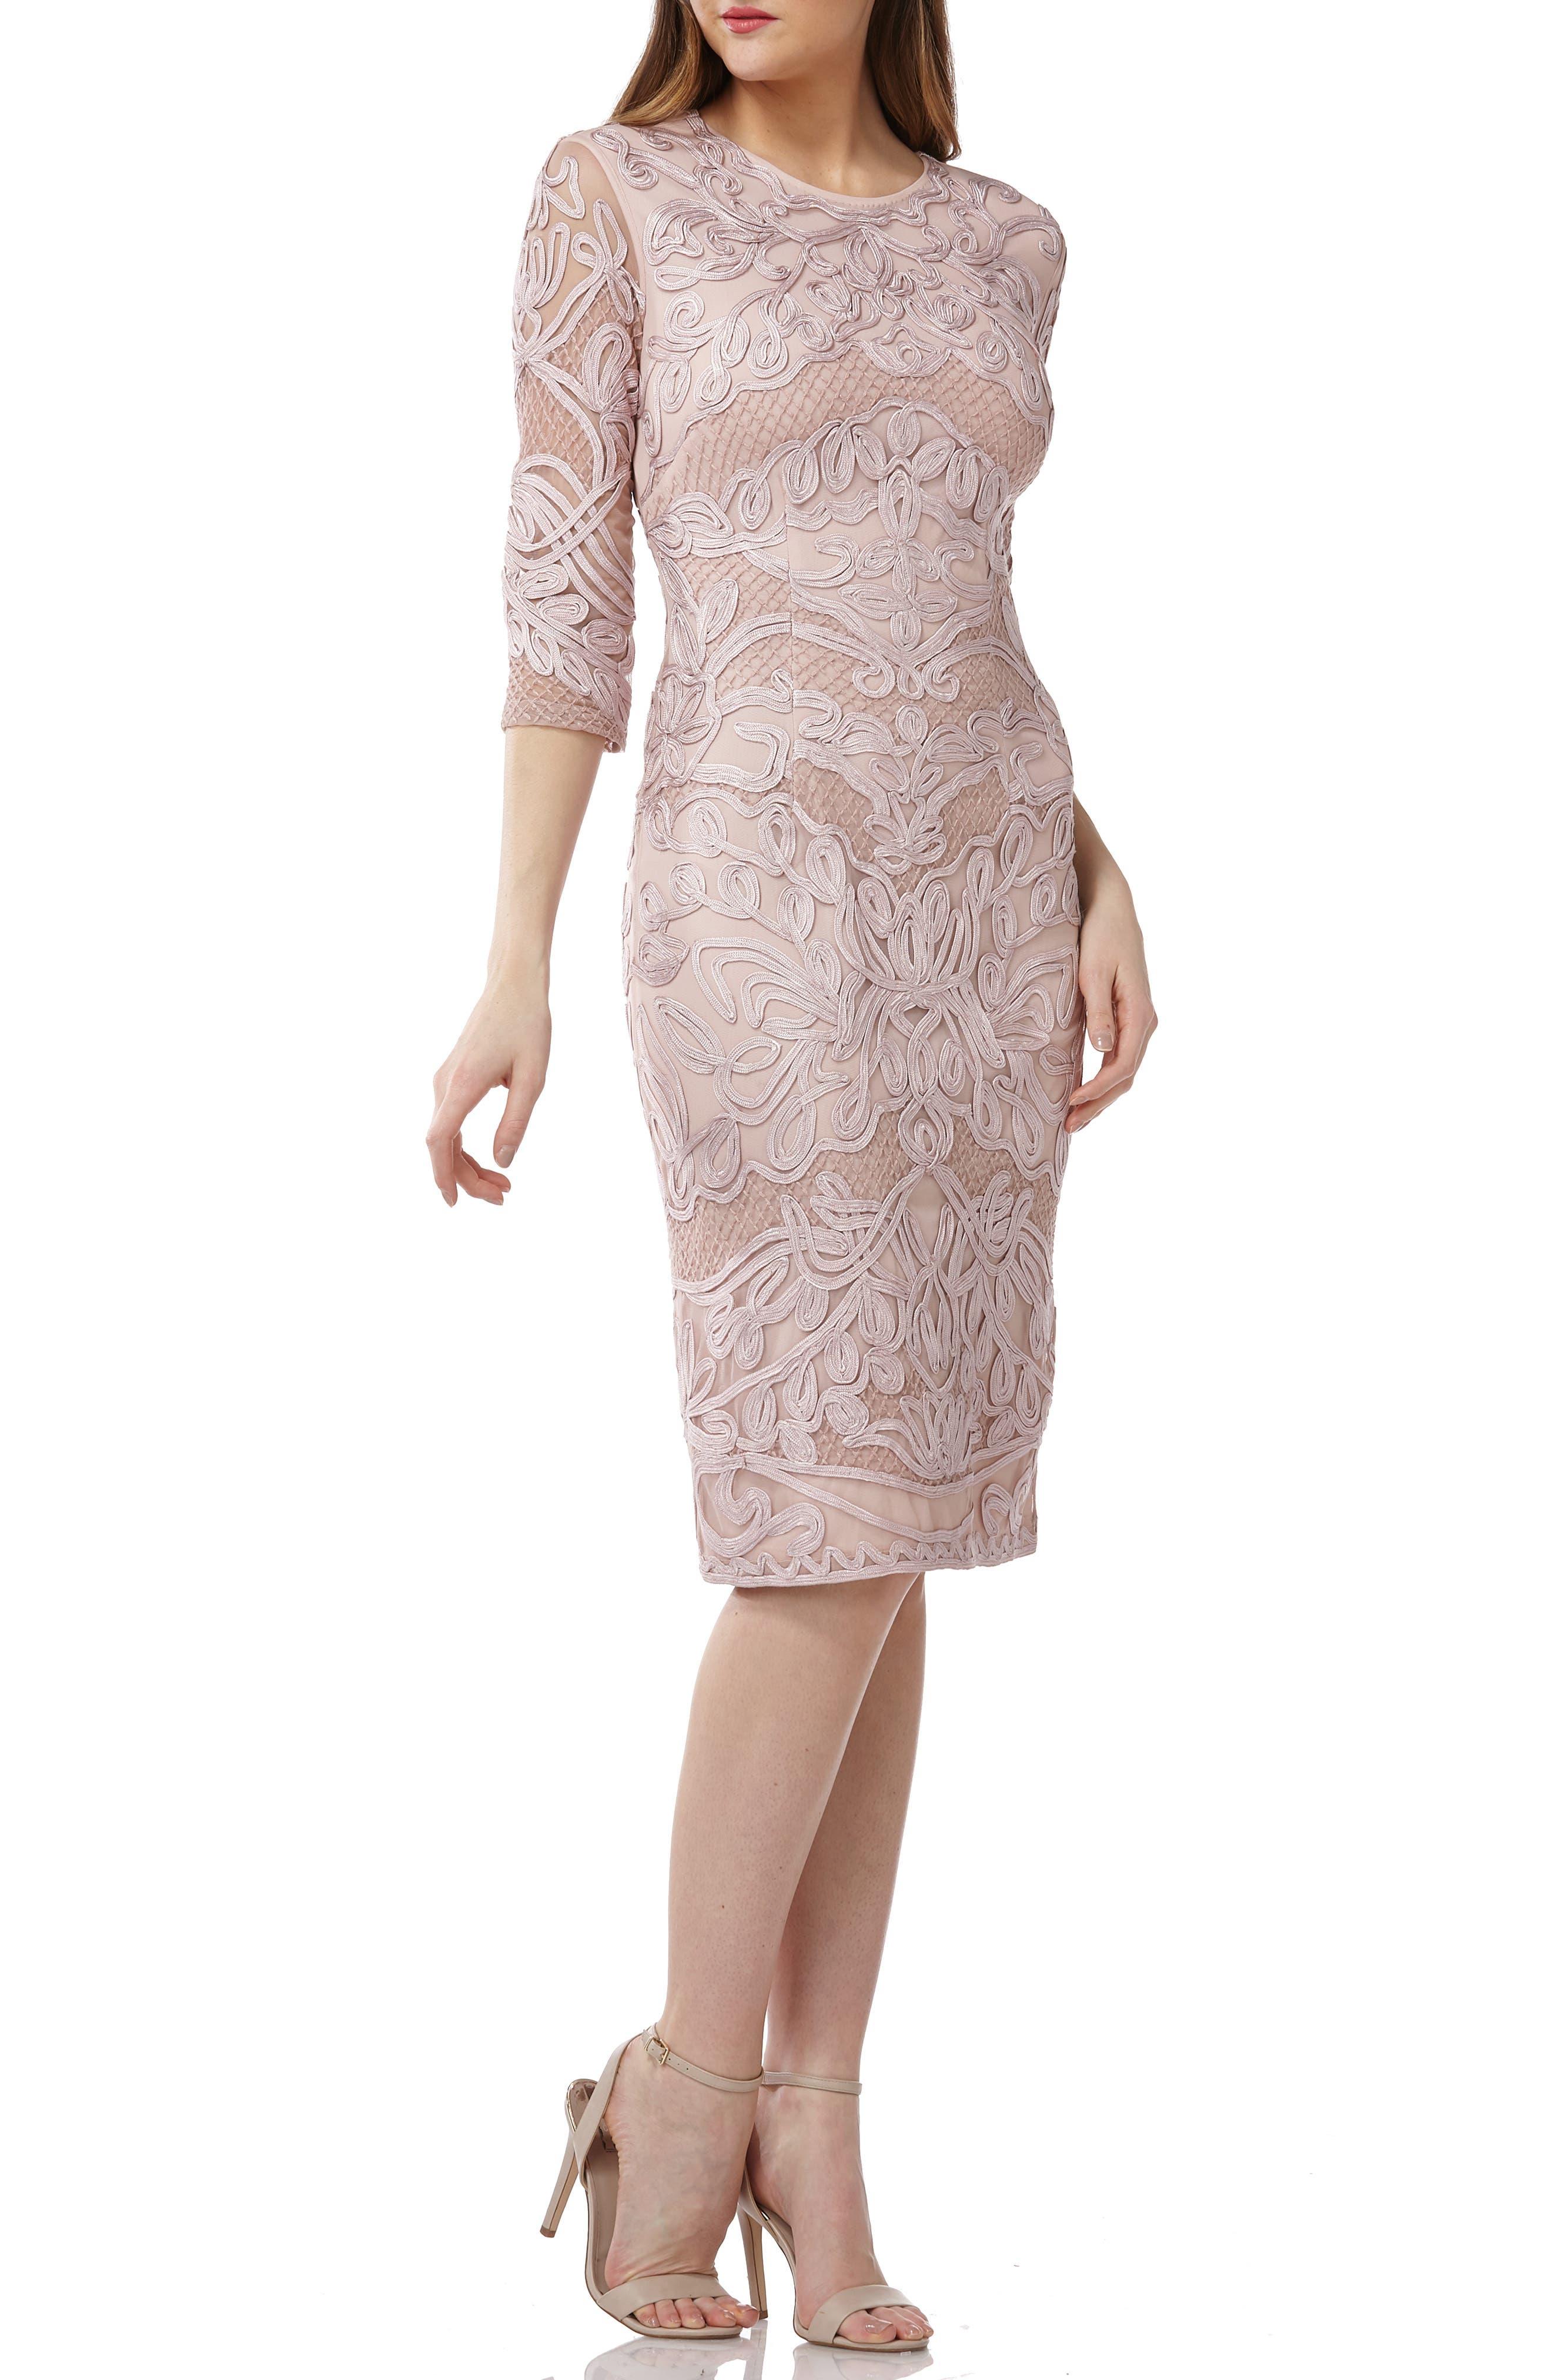 Js Collections Soutache Sheath Dress, Pink